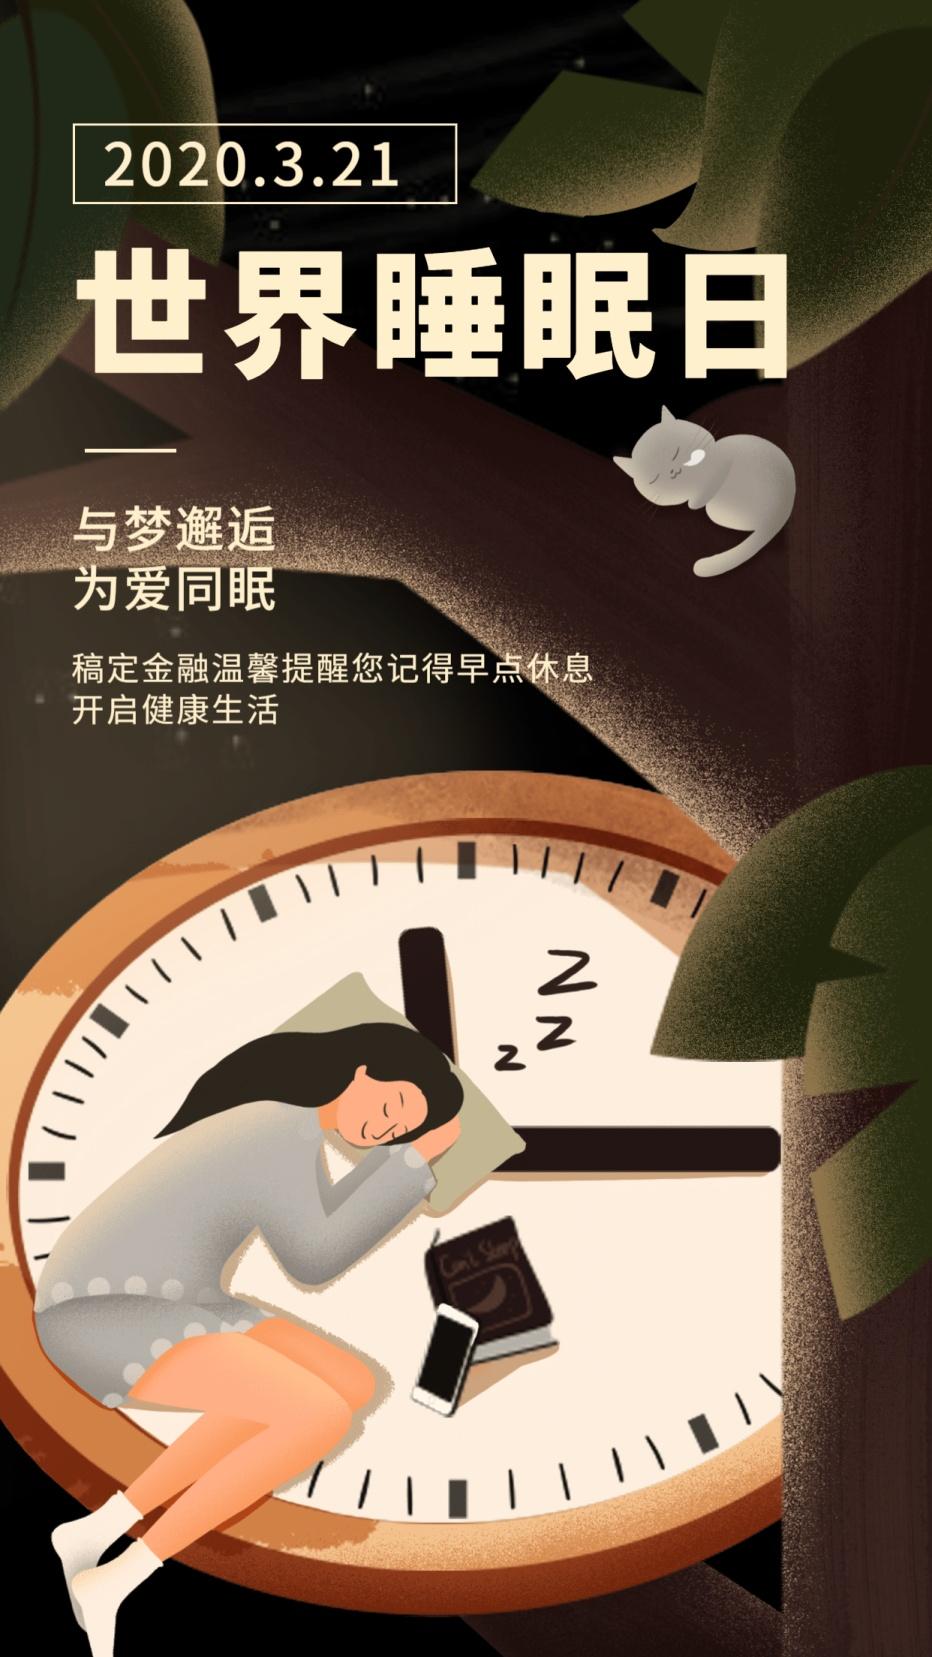 世界睡眠日开启健康生活手机海报